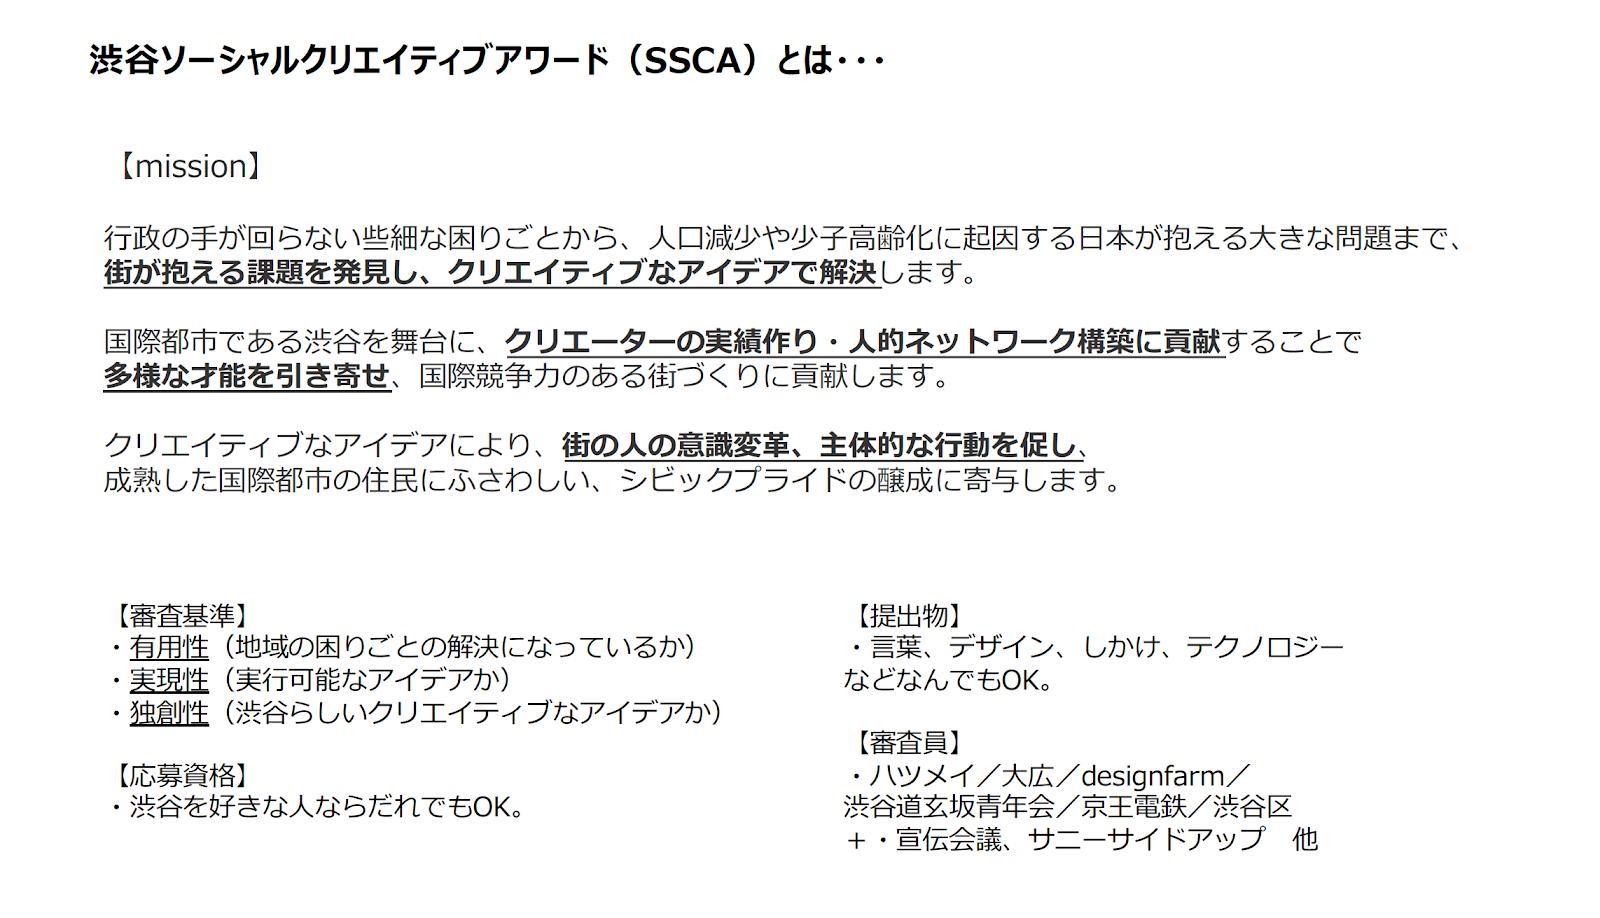 スクリーンショット 2020-03-11 16.38.11